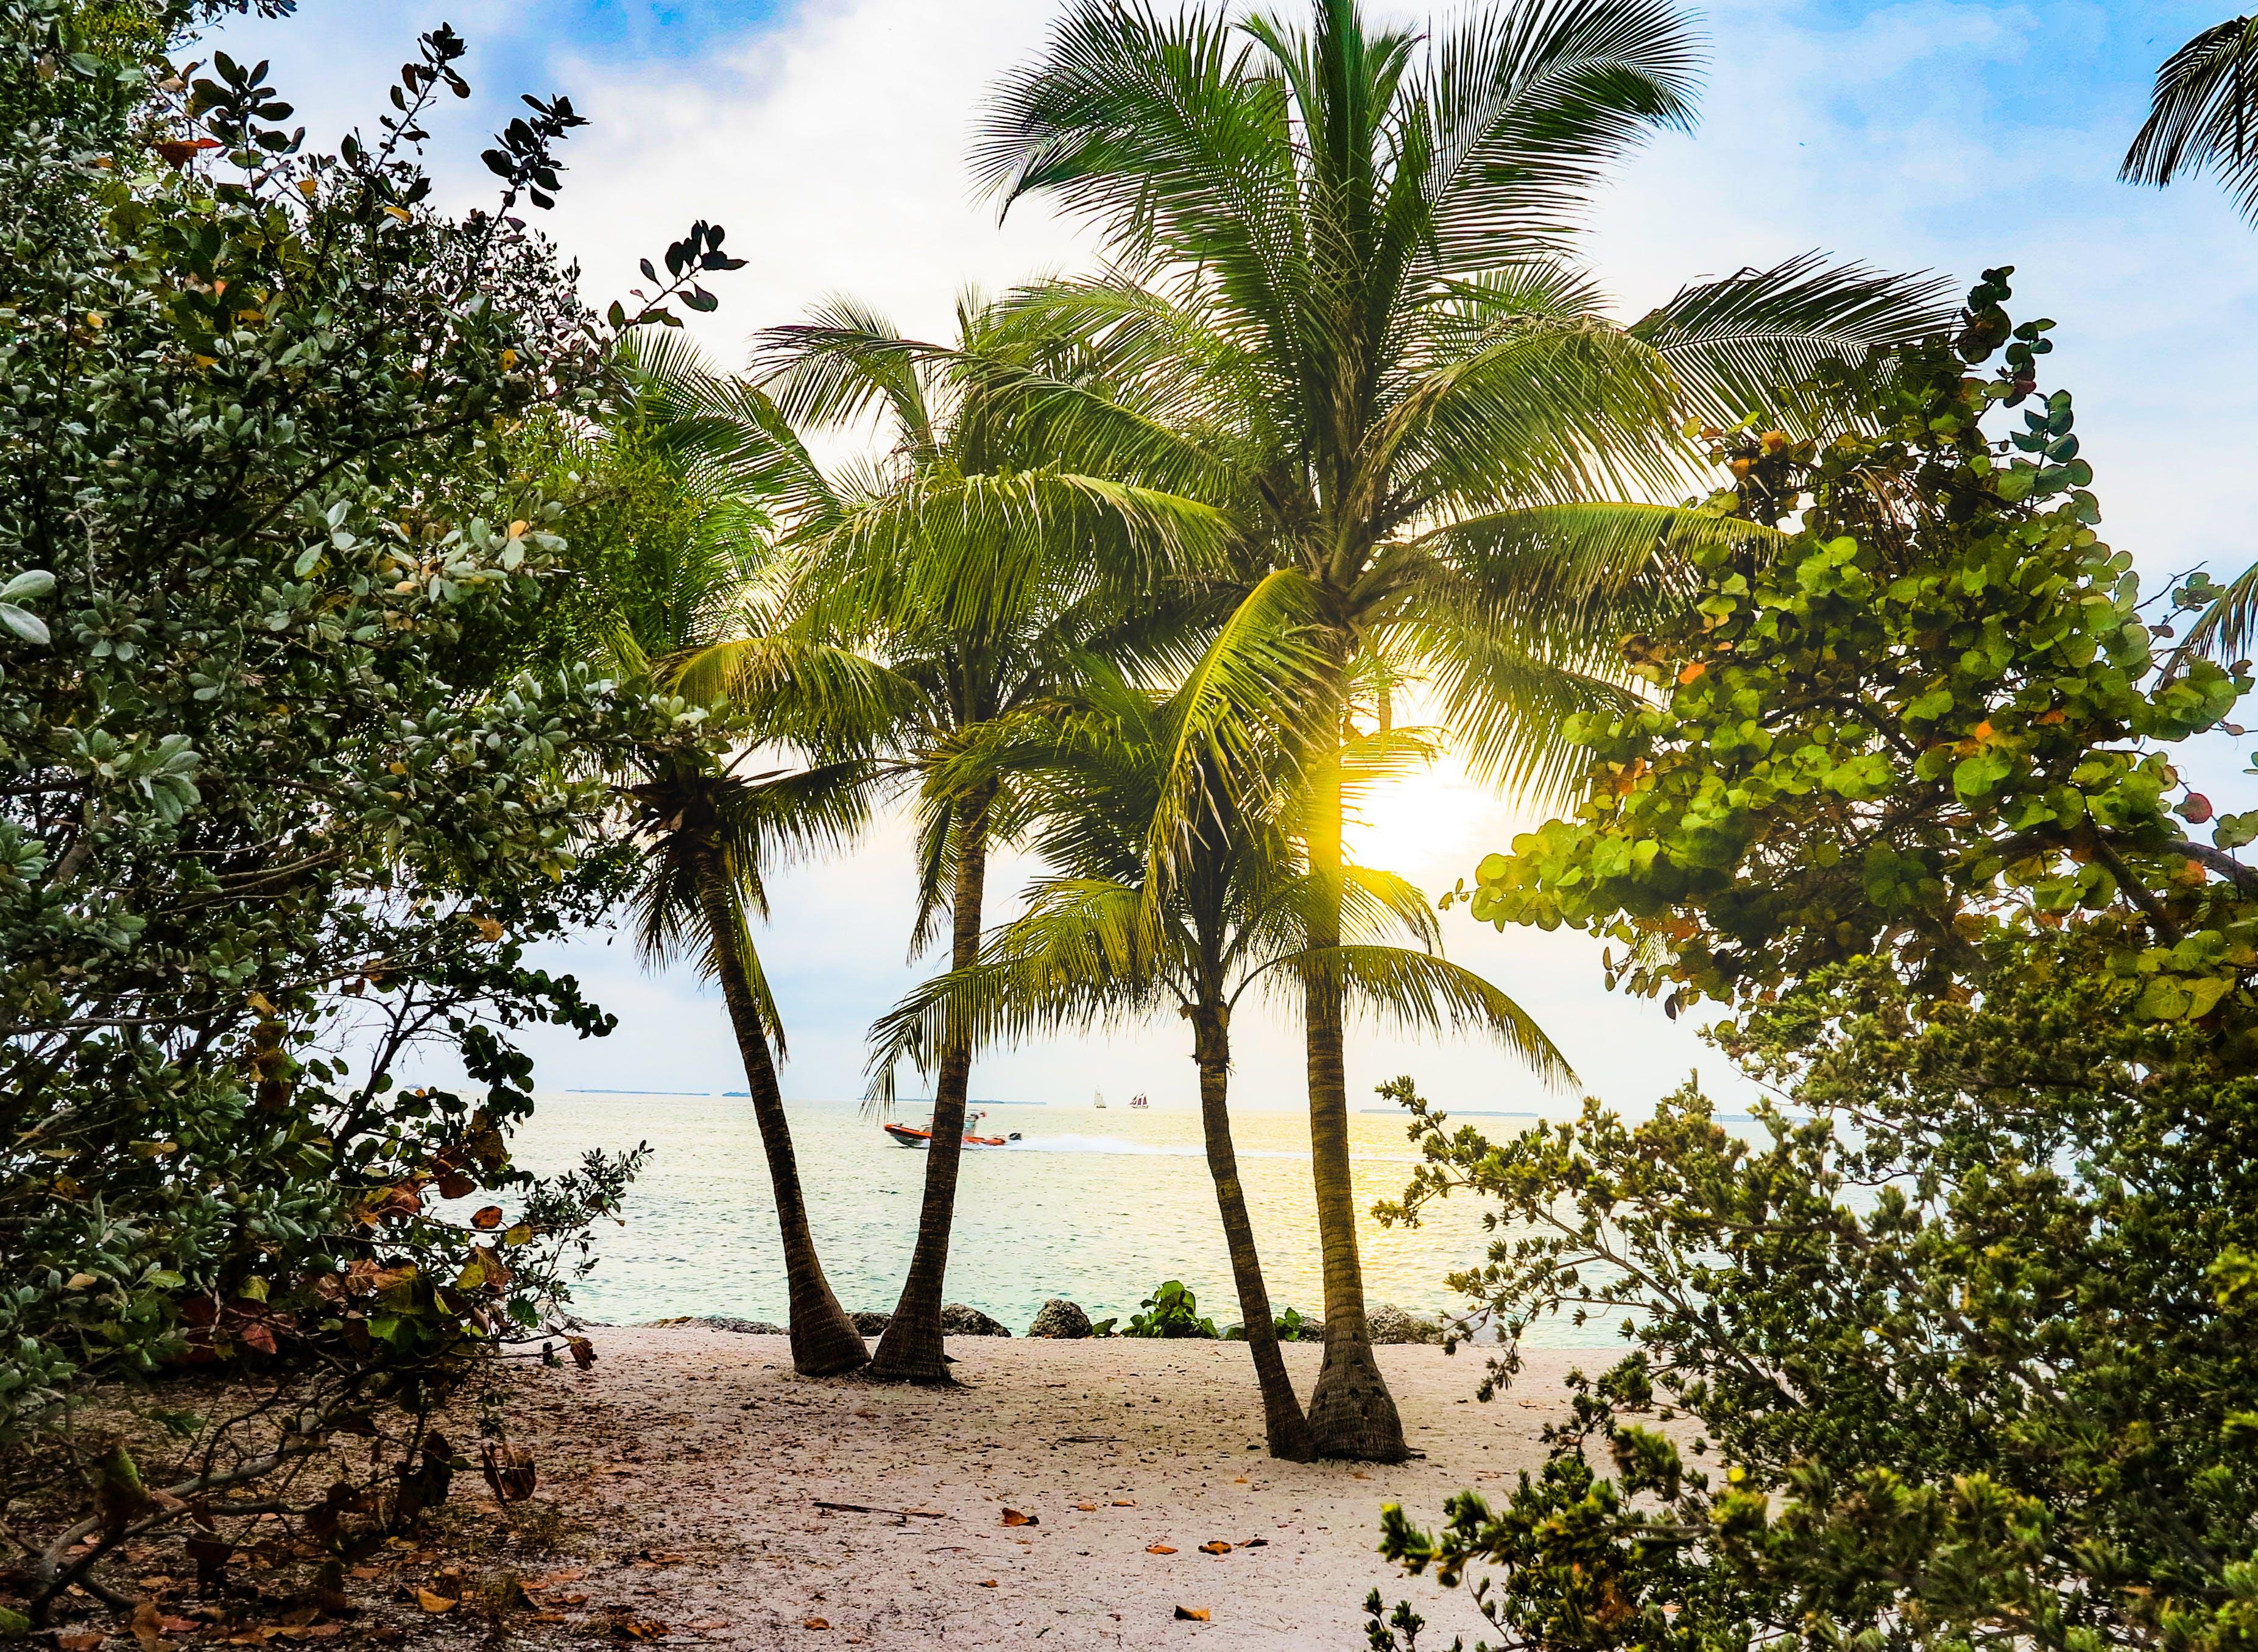 Δωρεάν στοκ φωτογραφιών με ακτή, δέντρα, δέντρα καρύδας, δυτικό κλειδί